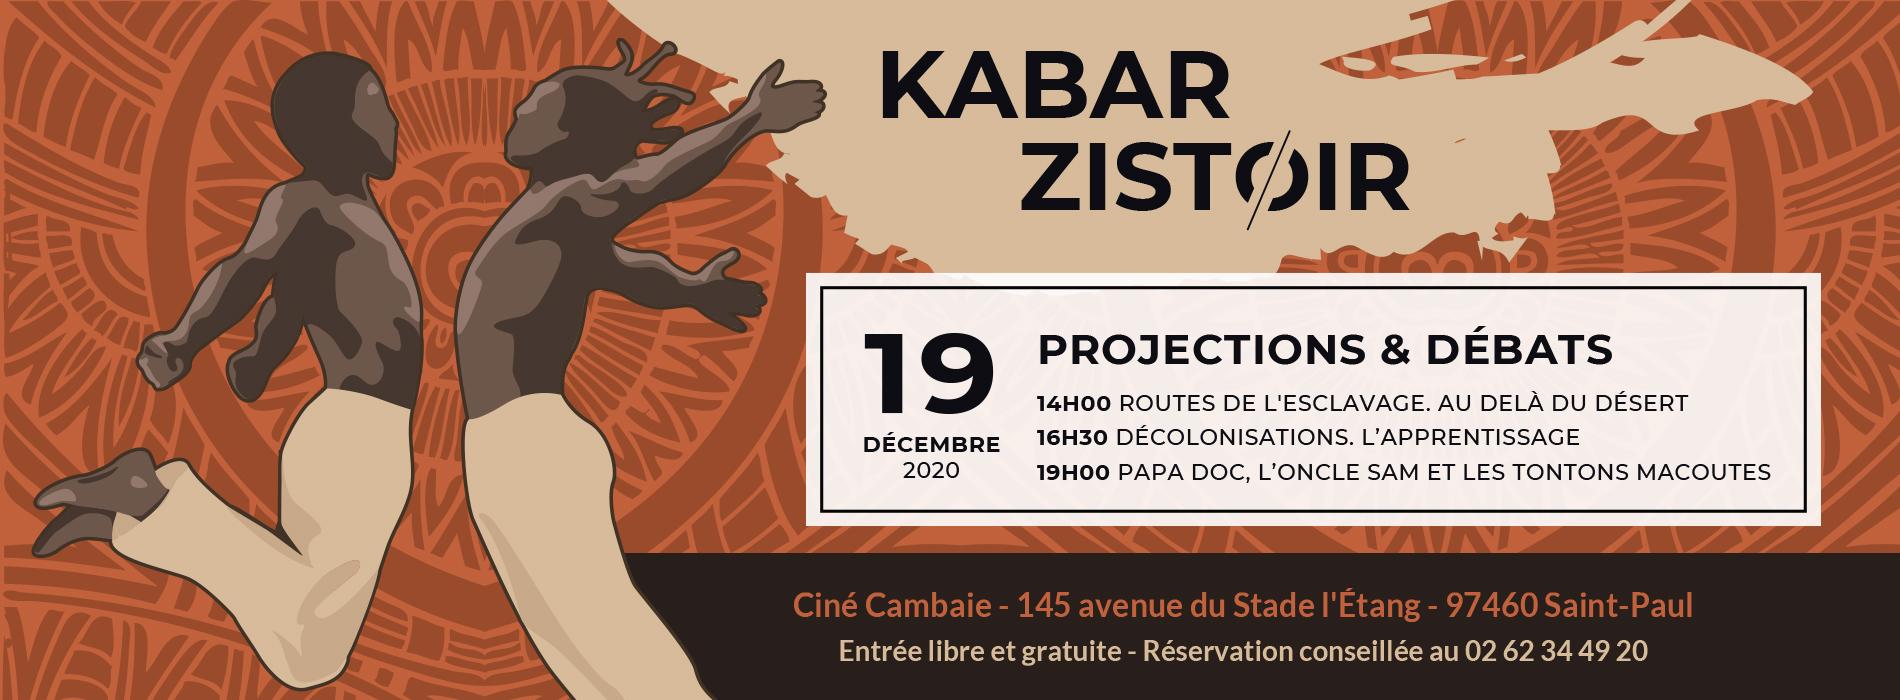 Projections et débats - KABAR ZISTOIR - Ciné Cambaie - Ile de la Réunion